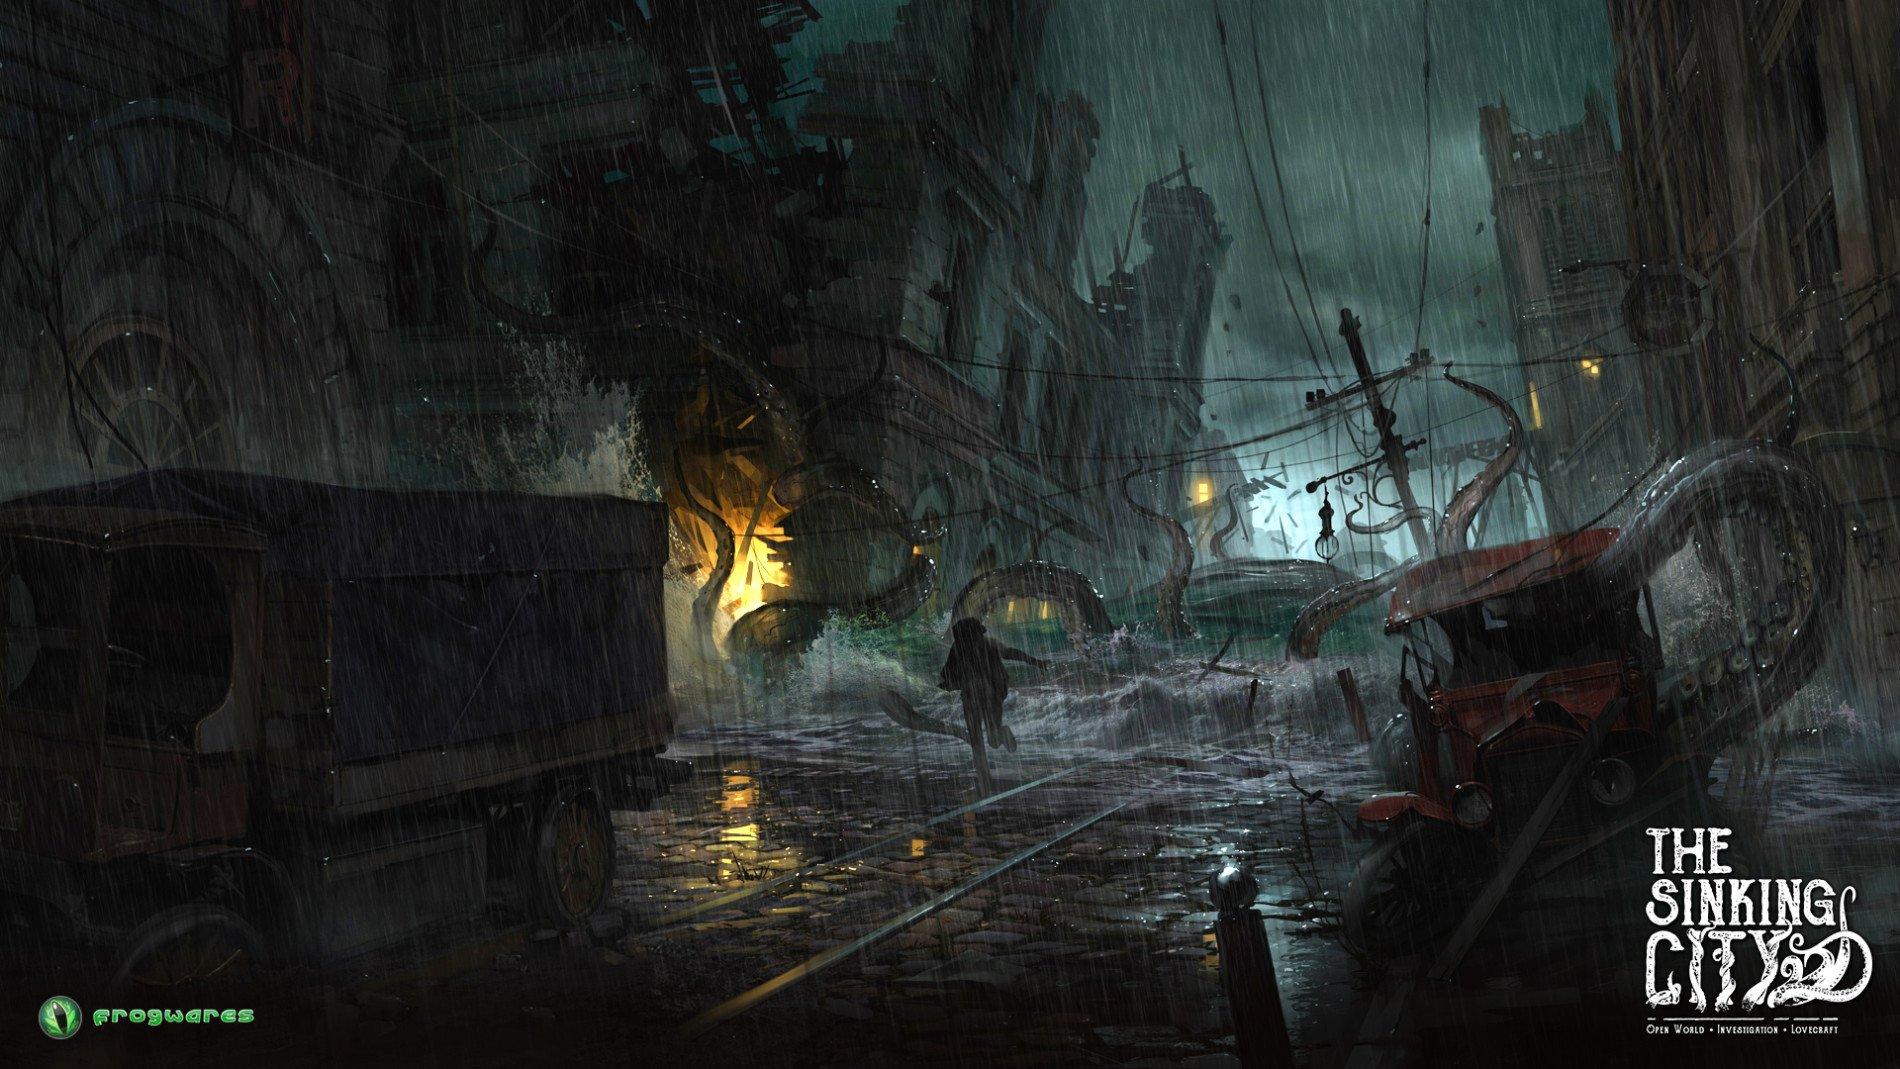 Новый трейлер игры The Sinking City в честь Нового года от разработчиков